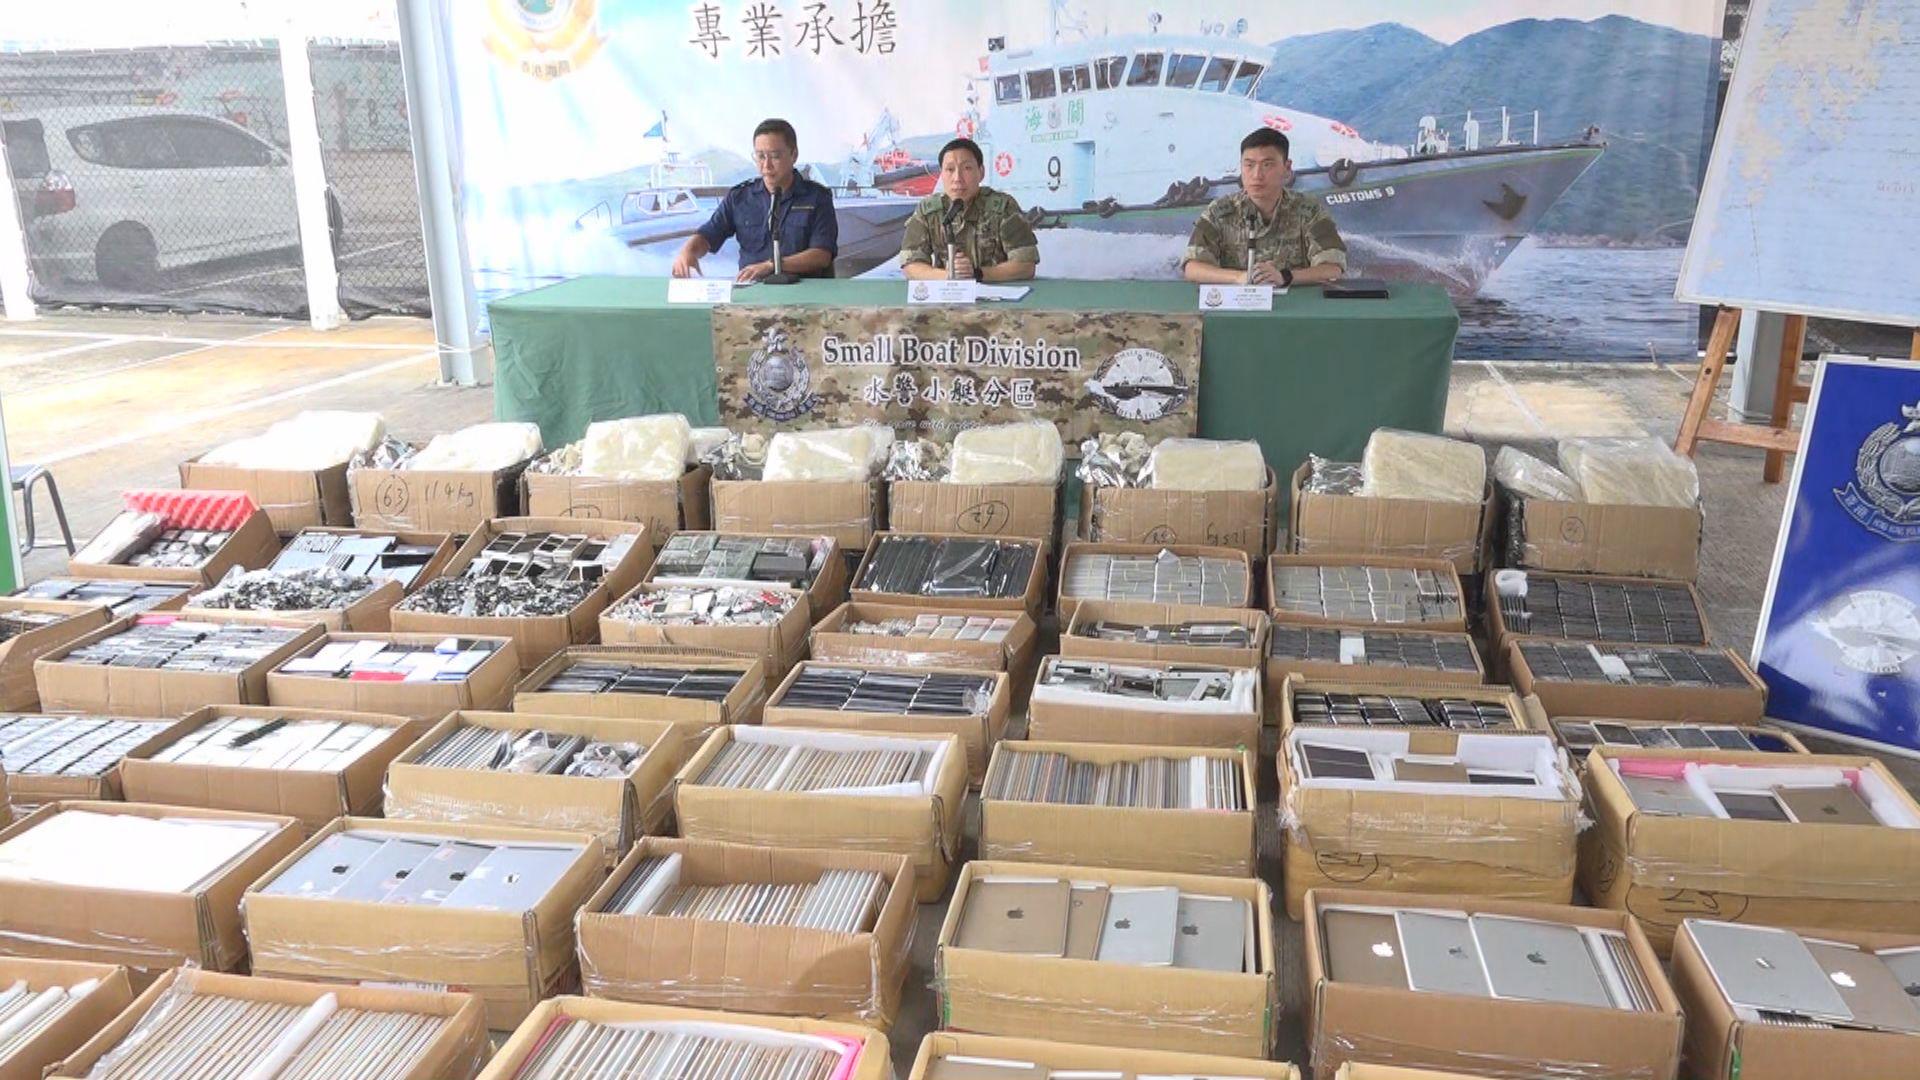 水警與海關檢獲逾520萬走私貨品包括燕窩